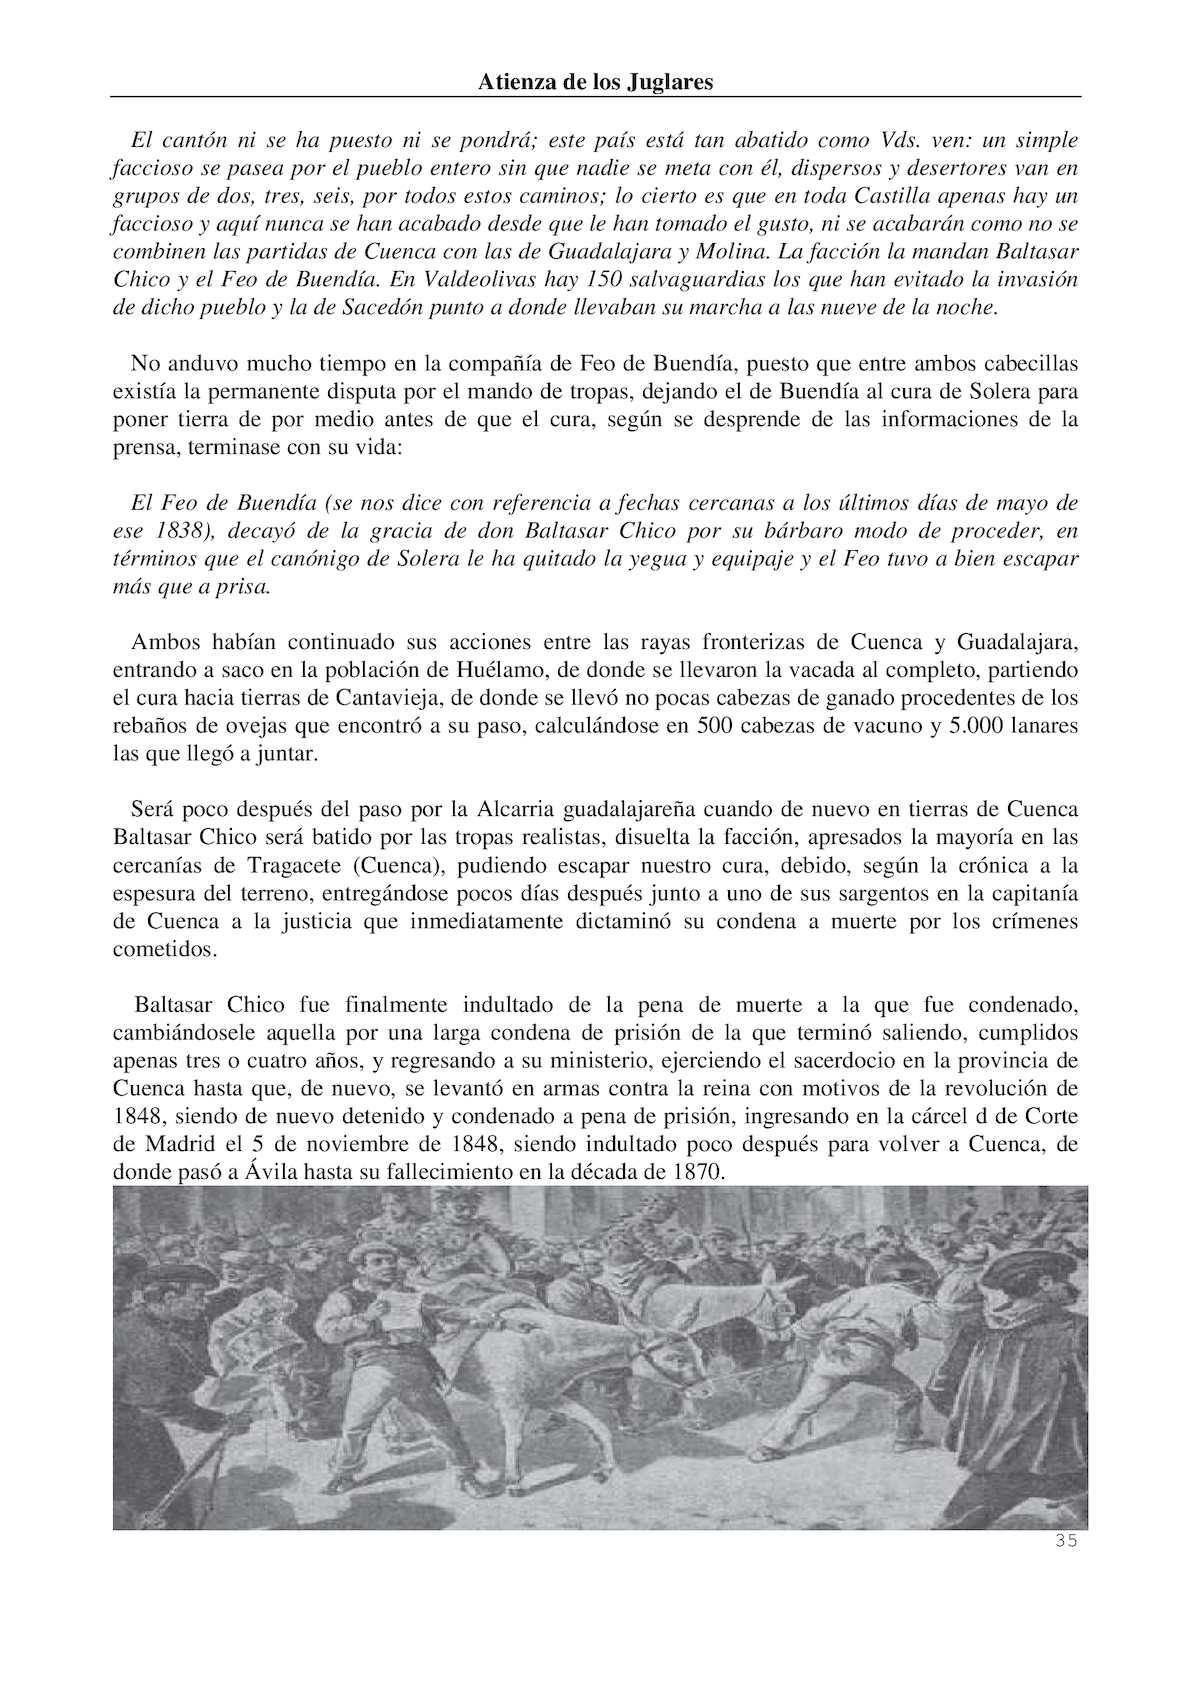 Atienza De Los Juglares Núm 81 Abril 2016 - CALAMEO Downloader